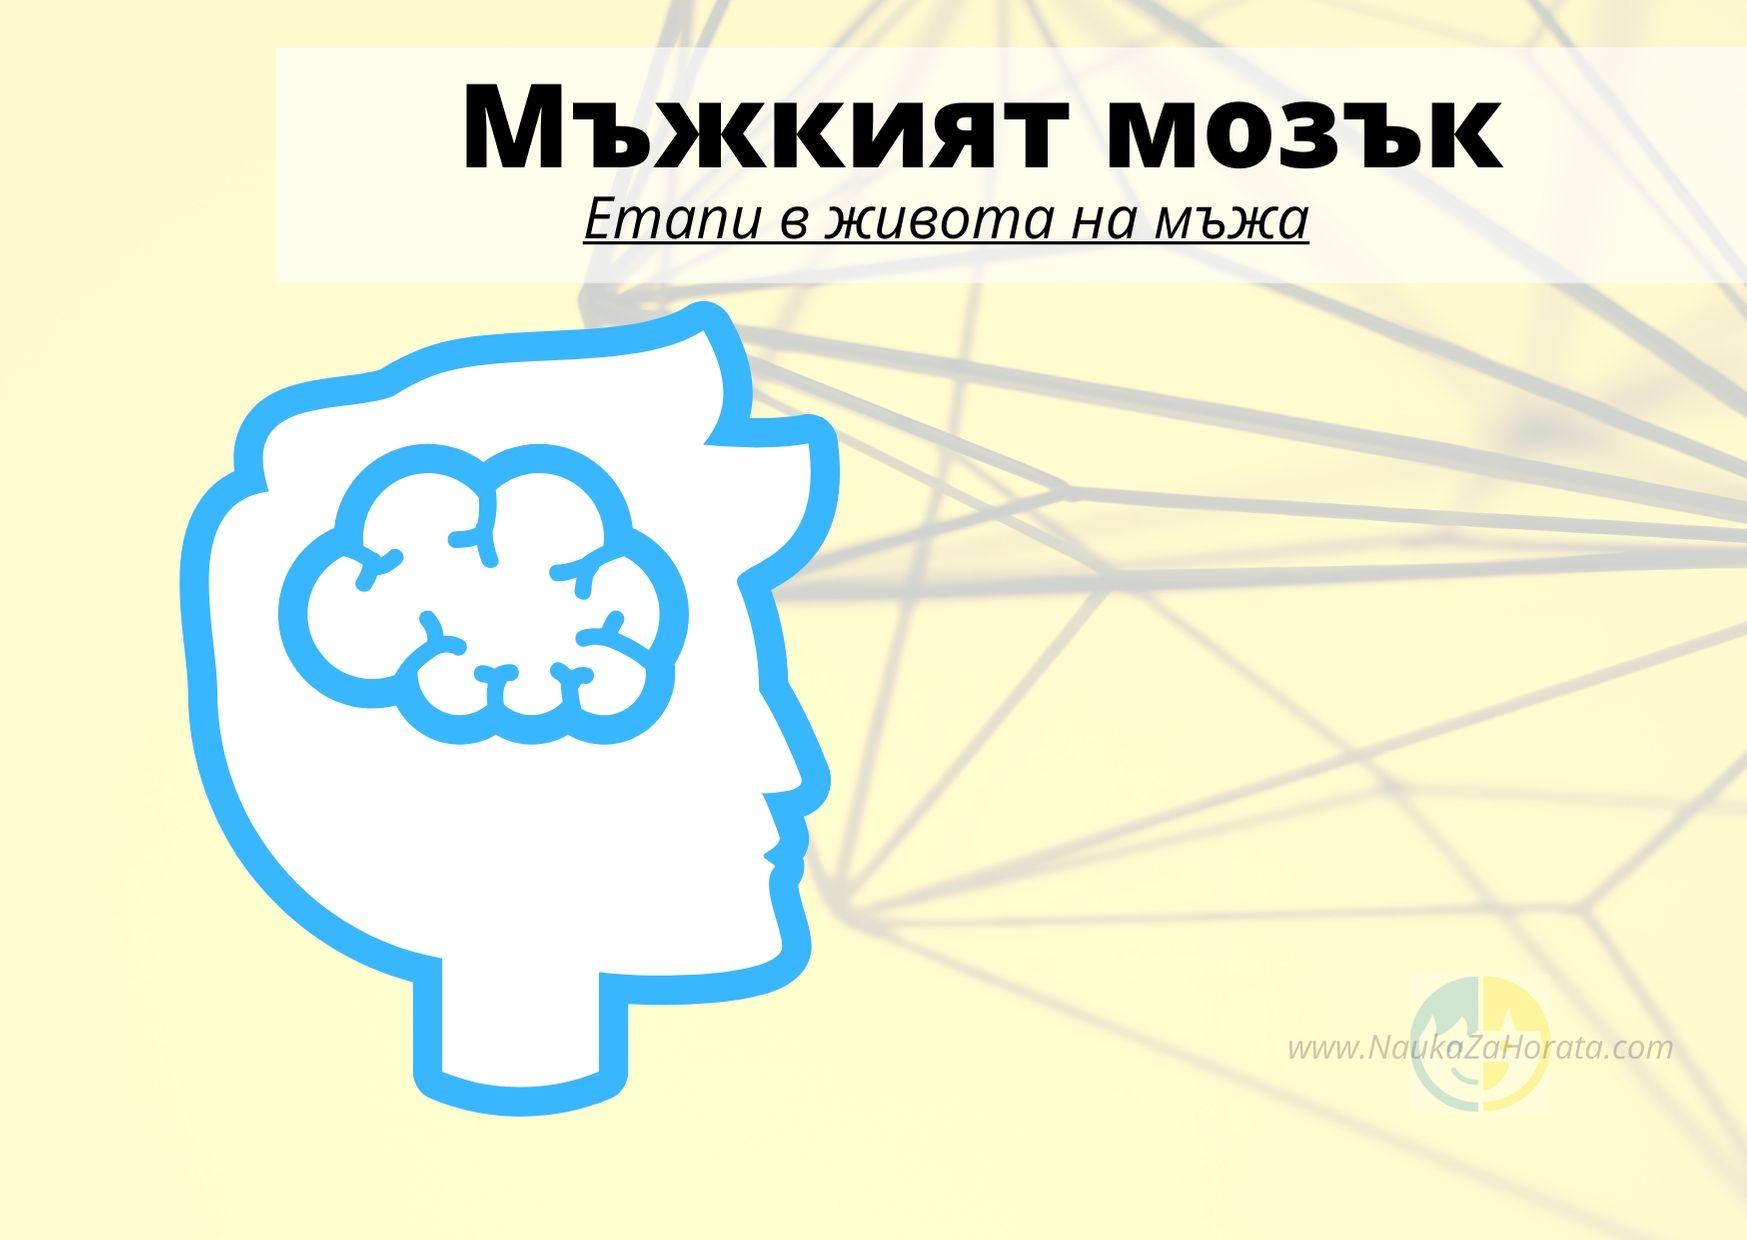 мъжкият мозък етапи на развитие